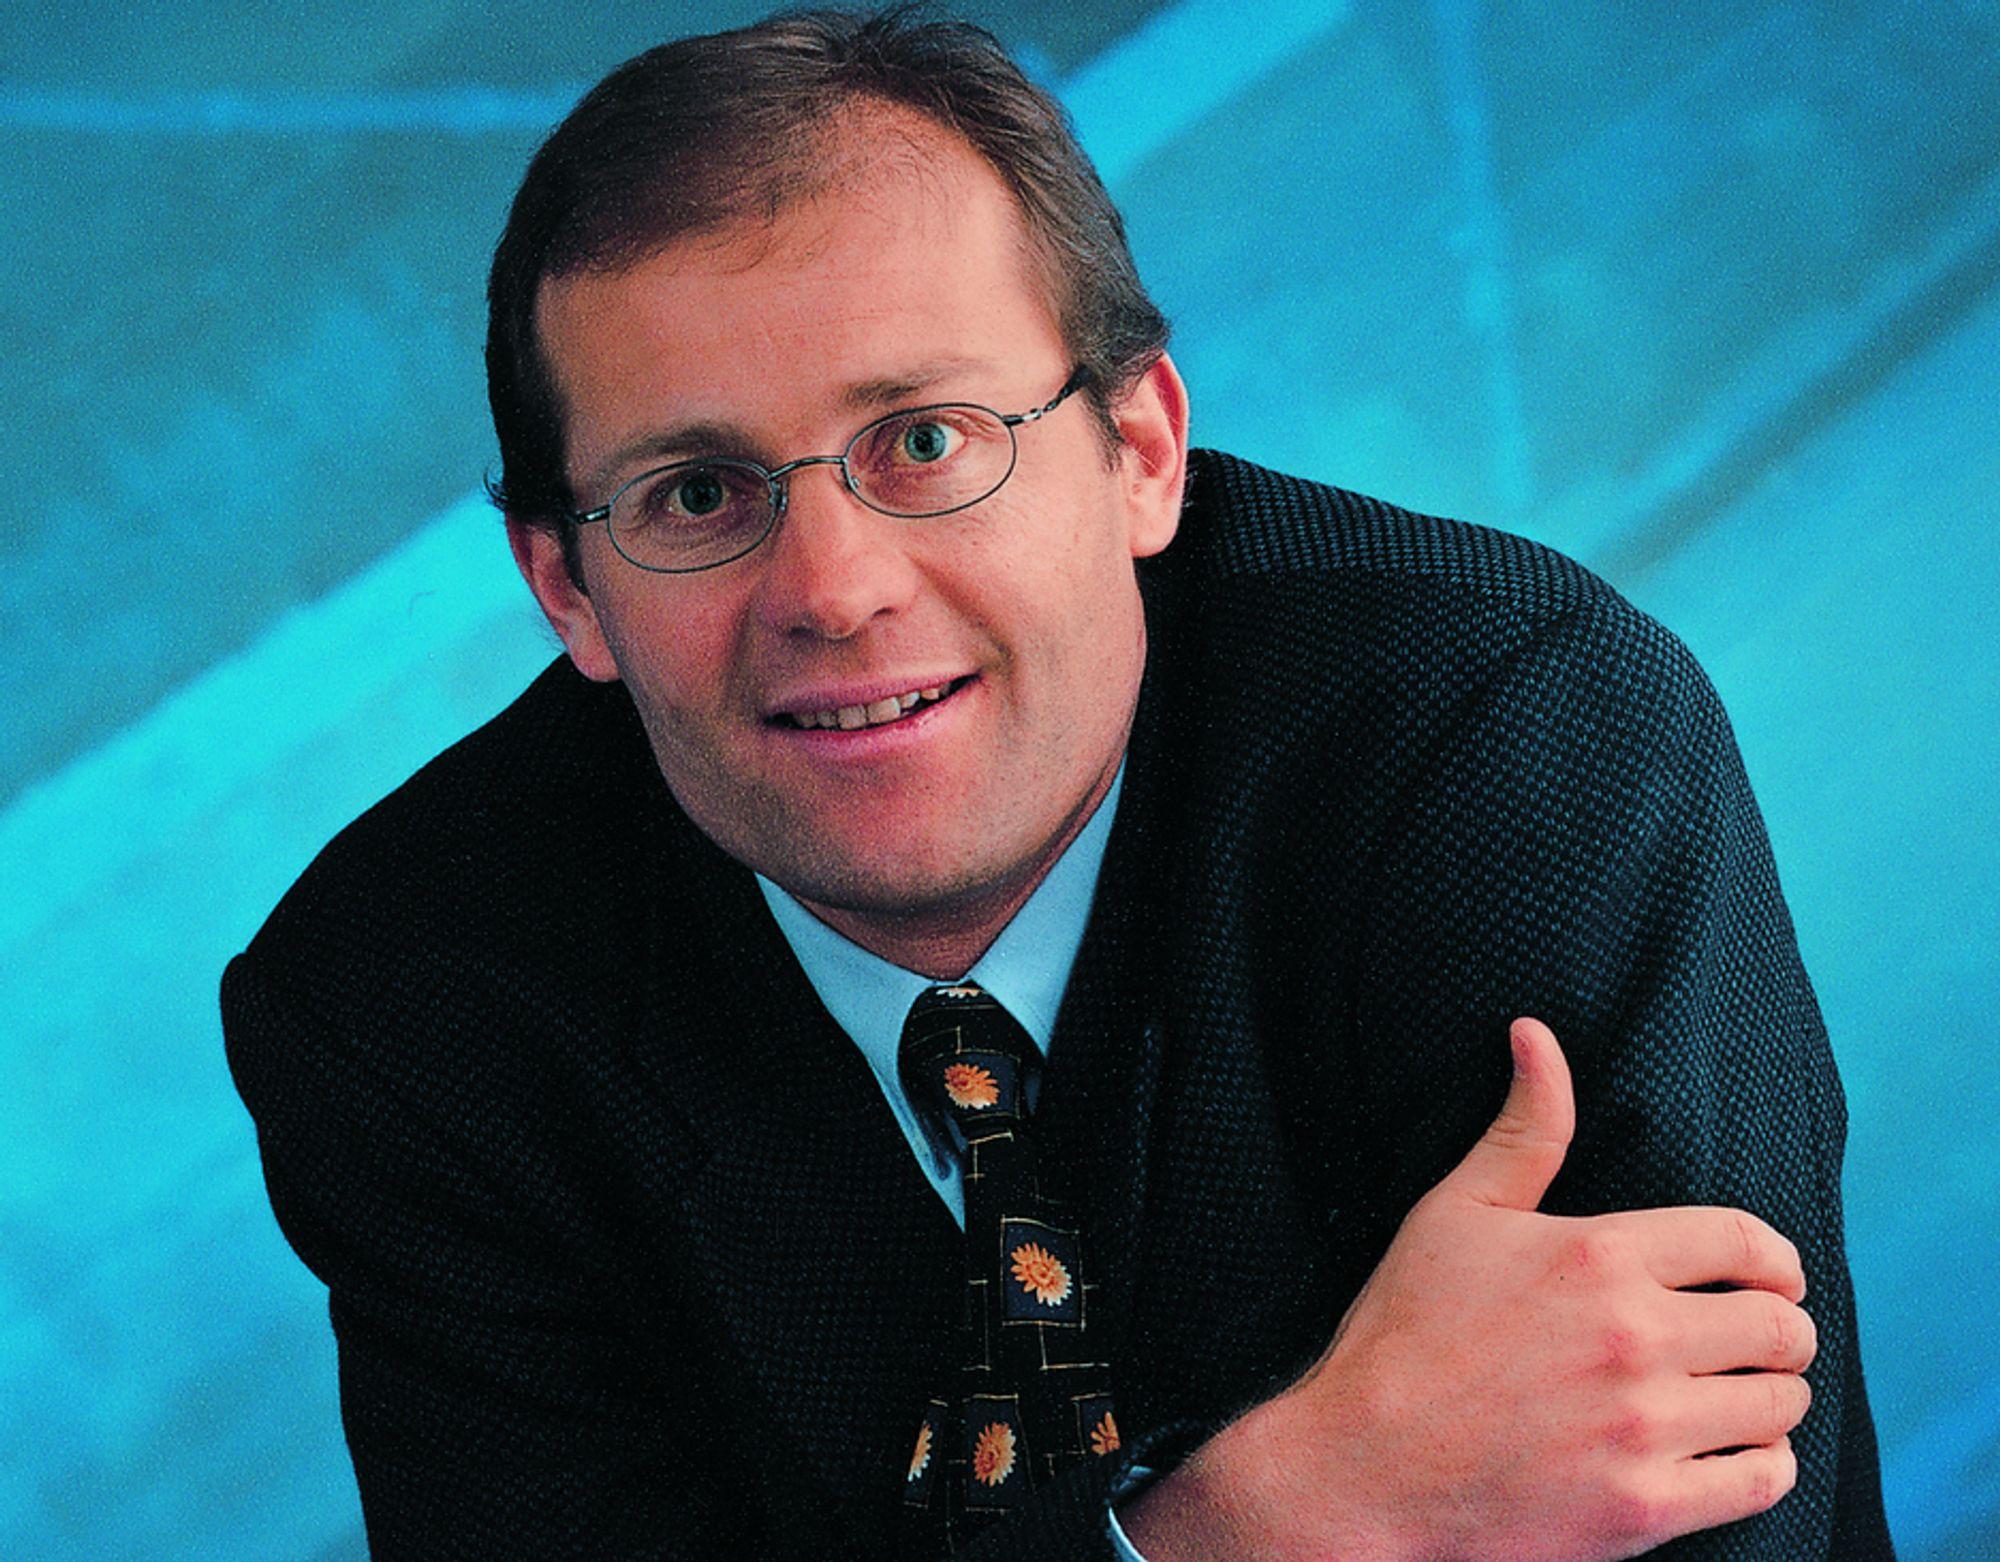 LEVER AV BREDBÅND: Konsernsjef Martin Reichle gjør det meget bra. Selskapet han leder, Reichle & De-Massari, utvider nå virksomheten med et nytt produksjonsanlegg slik at de kan lage mer kabler til bredbåndsselskapene.